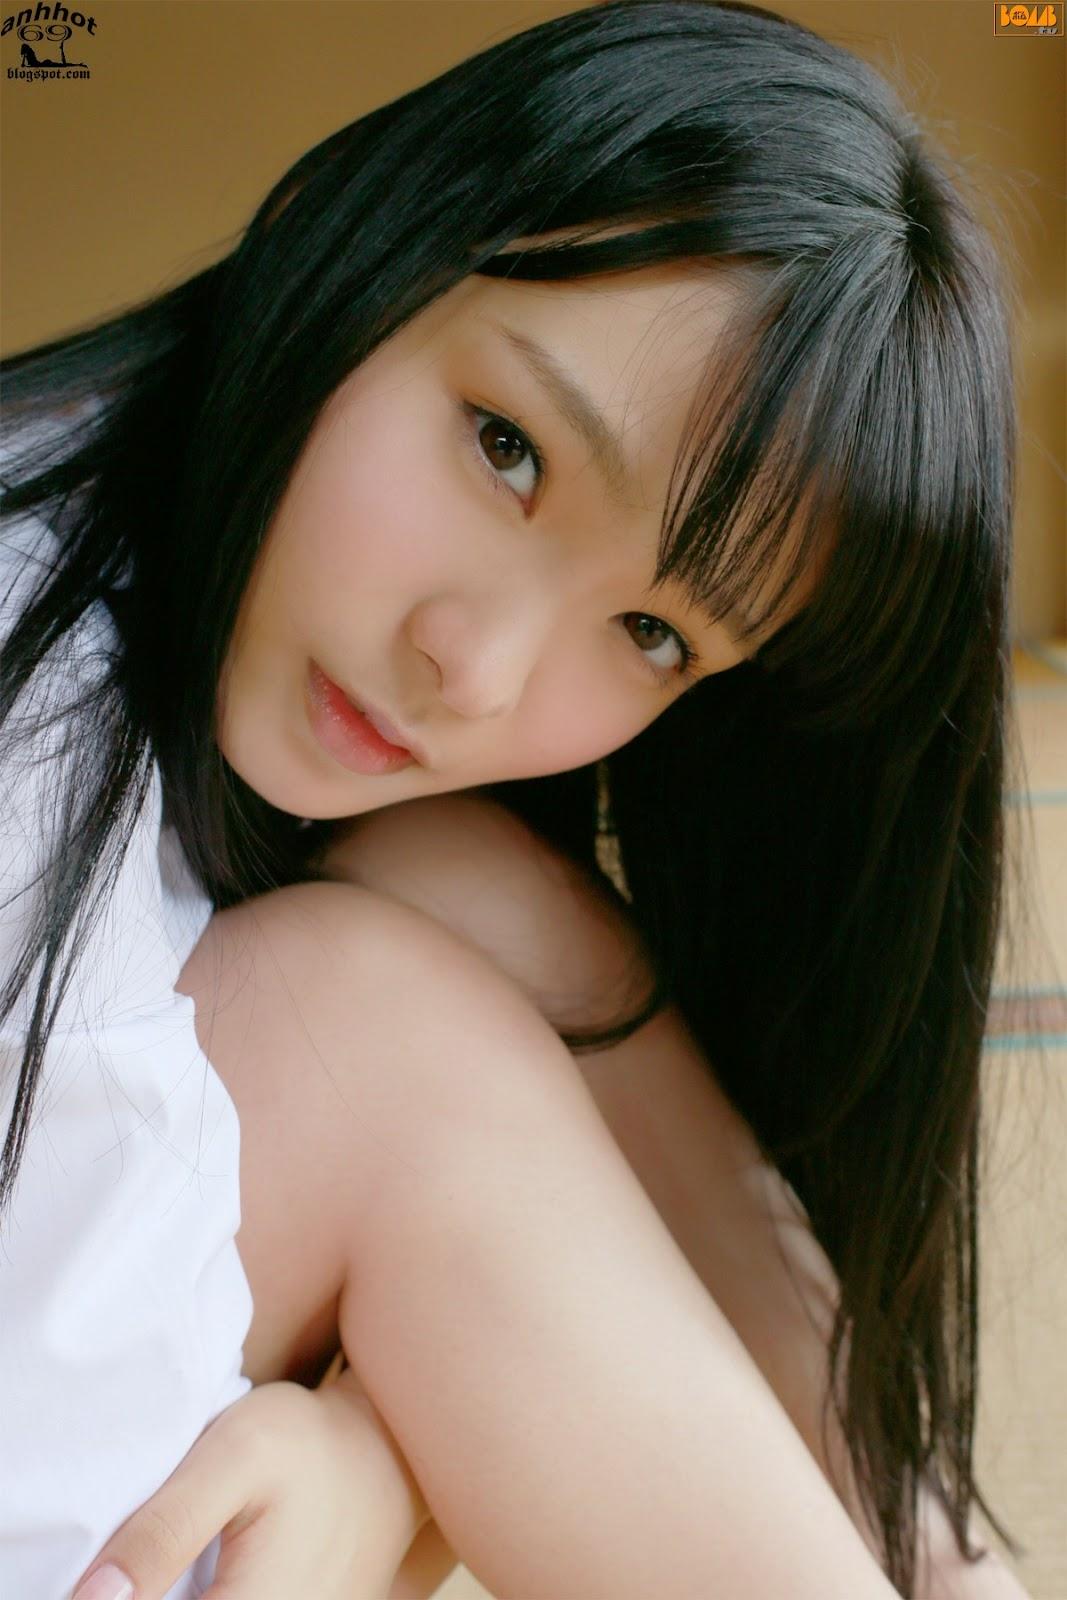 mizuki-hoshina-02127836